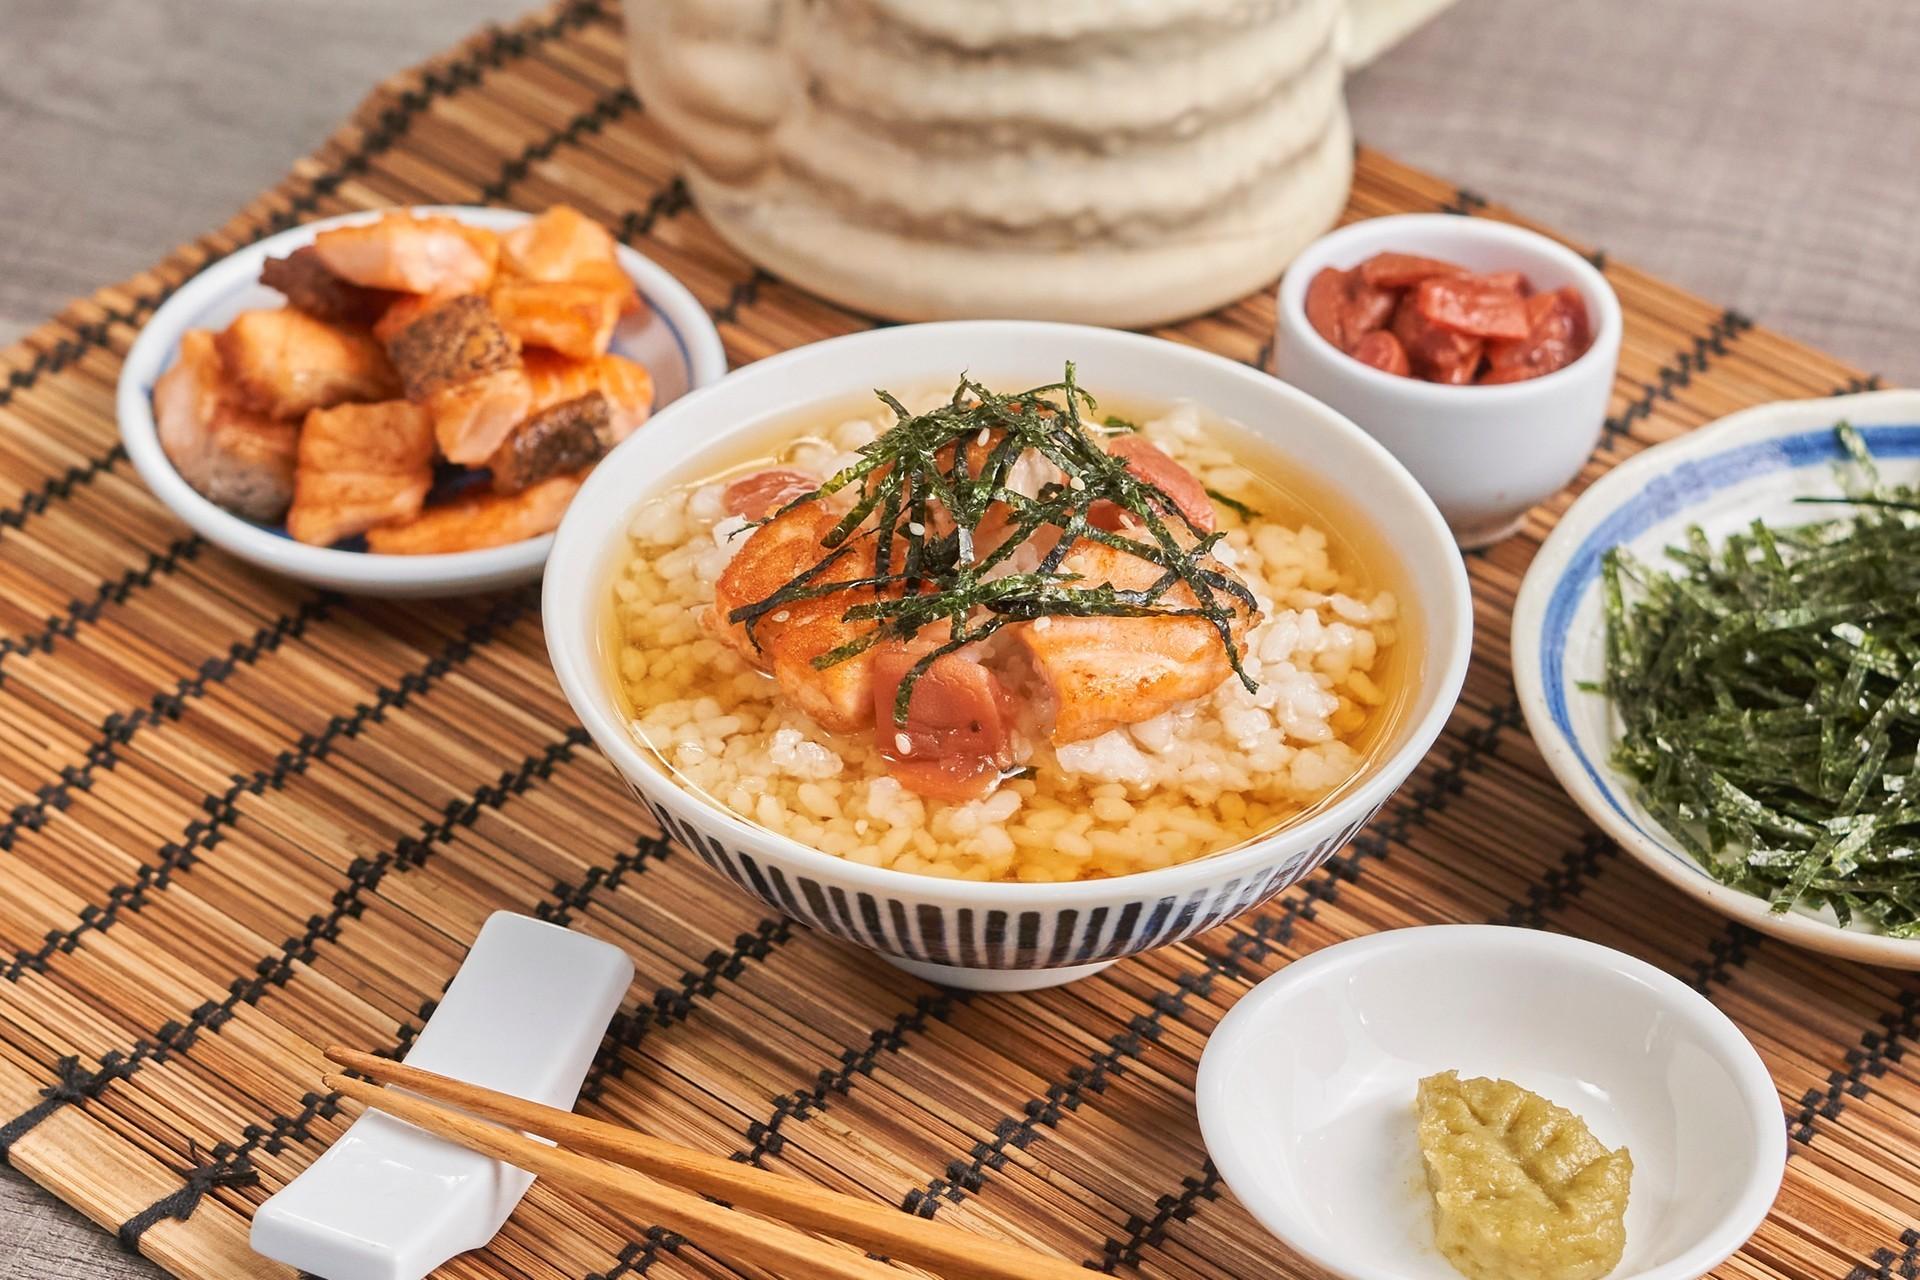 ข้าวต้มญี่ปุ่น